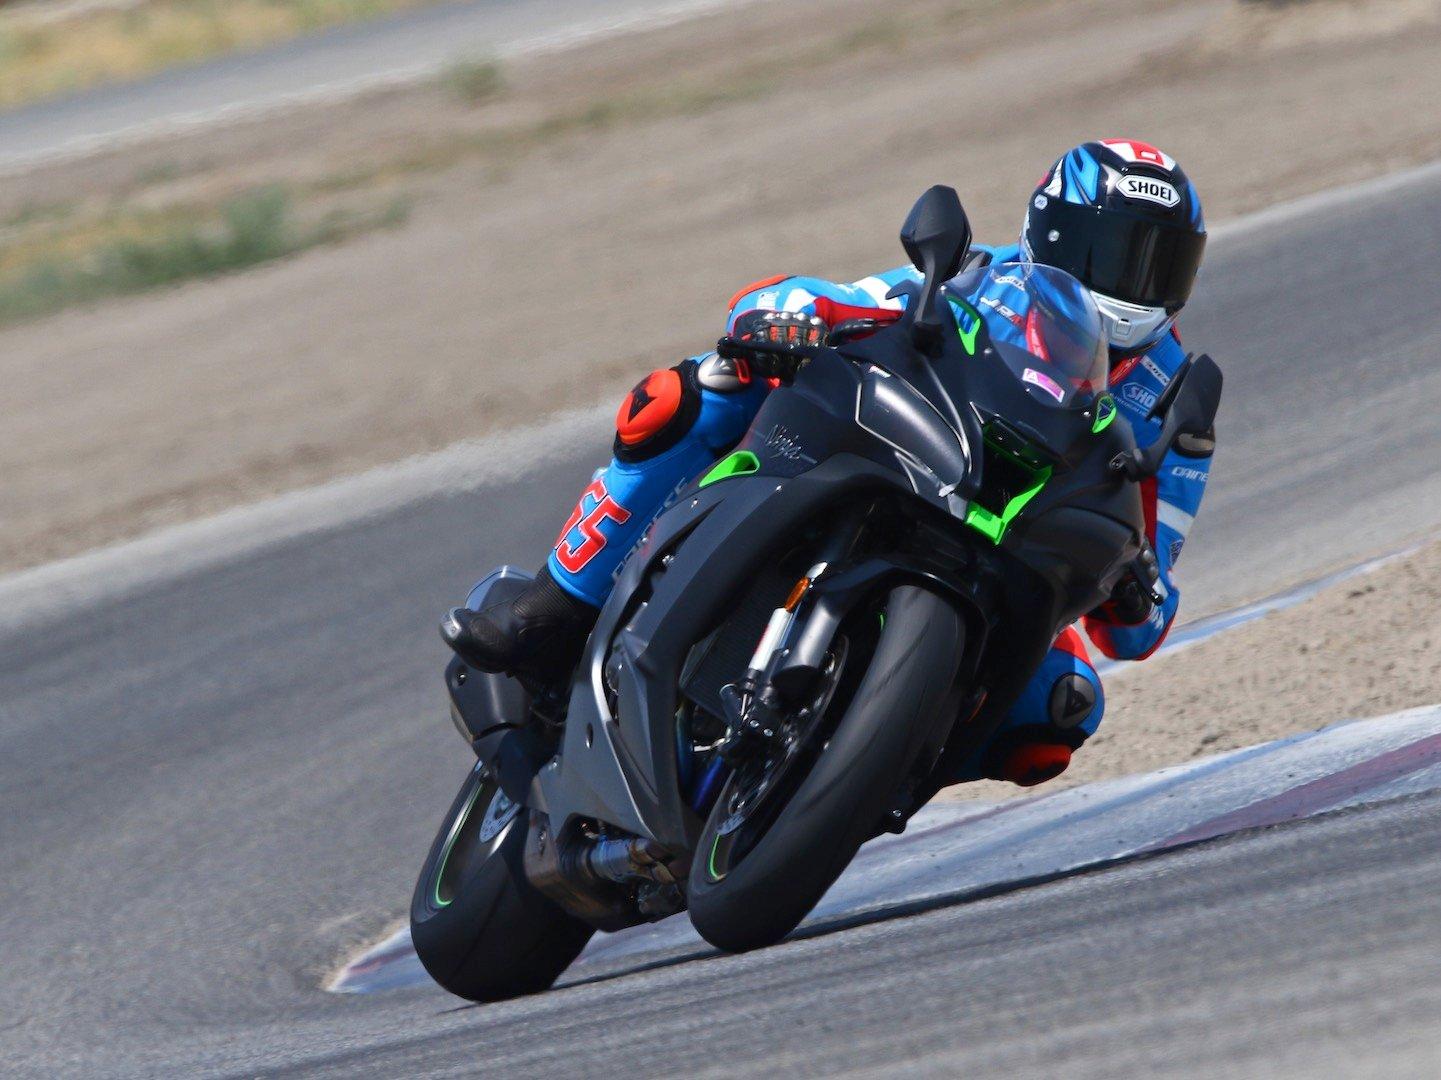 2018 Honda CBR1000RR SP vs. 2018 Kawasaki Ninja ZX-10R Superbike Comparison - Gilbert acceleration Kawasaki